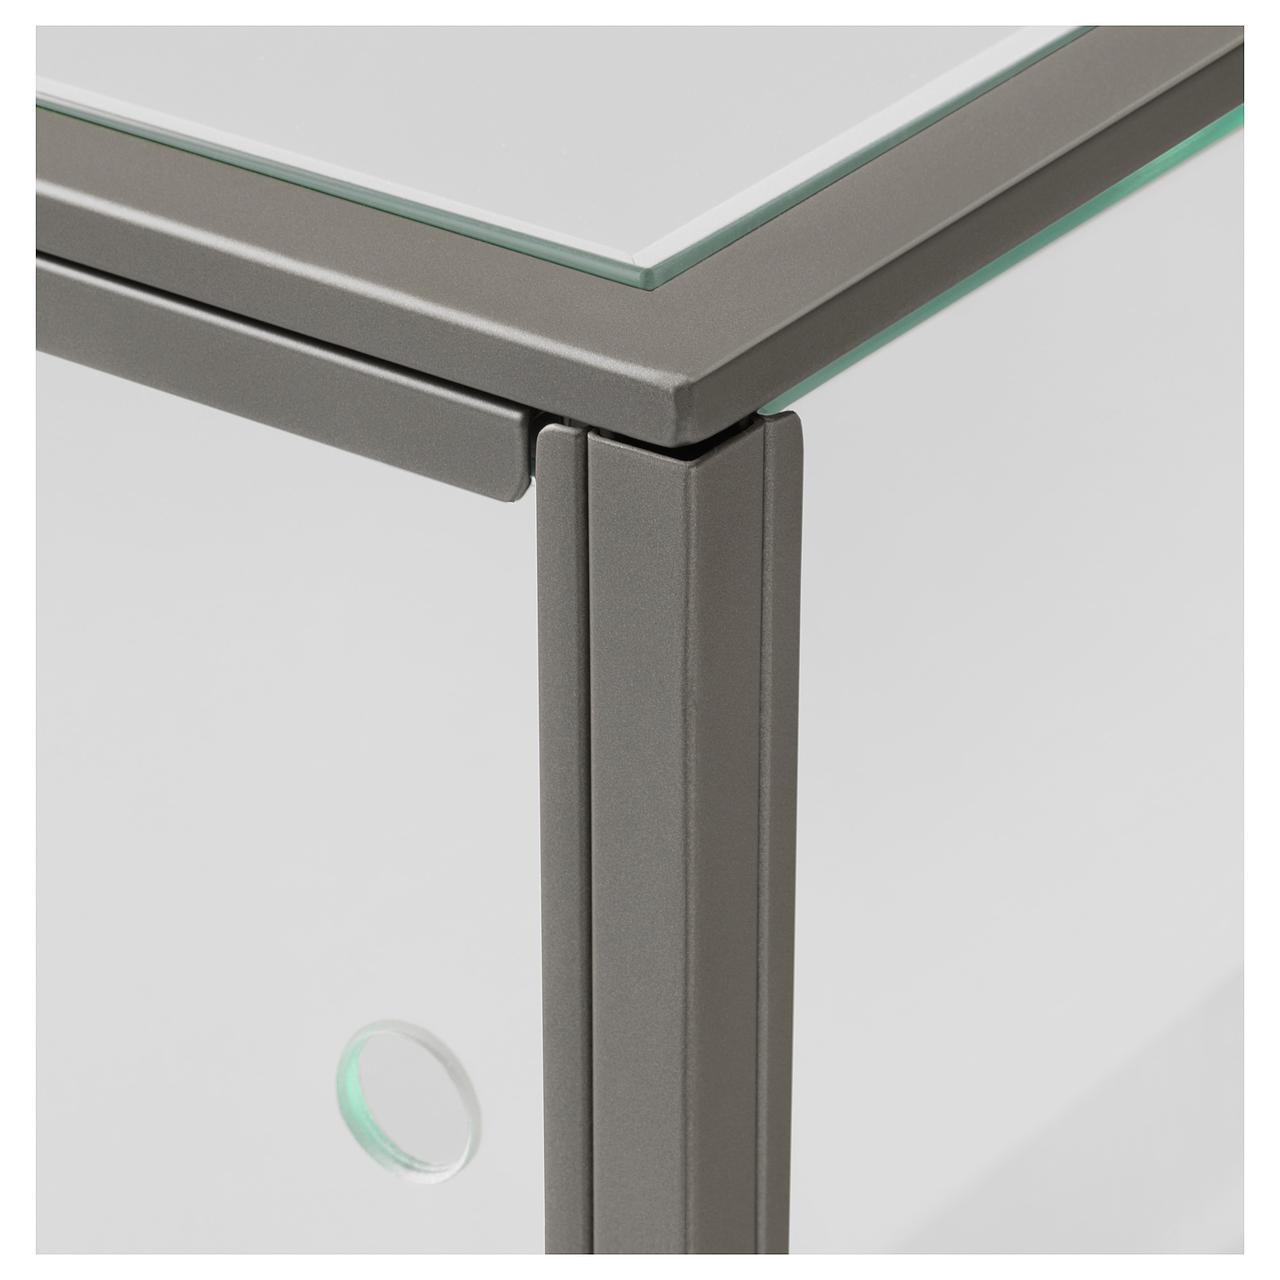 столик Ikea Sammanhang 70x70 см серый стеклянный 20412444 продажа